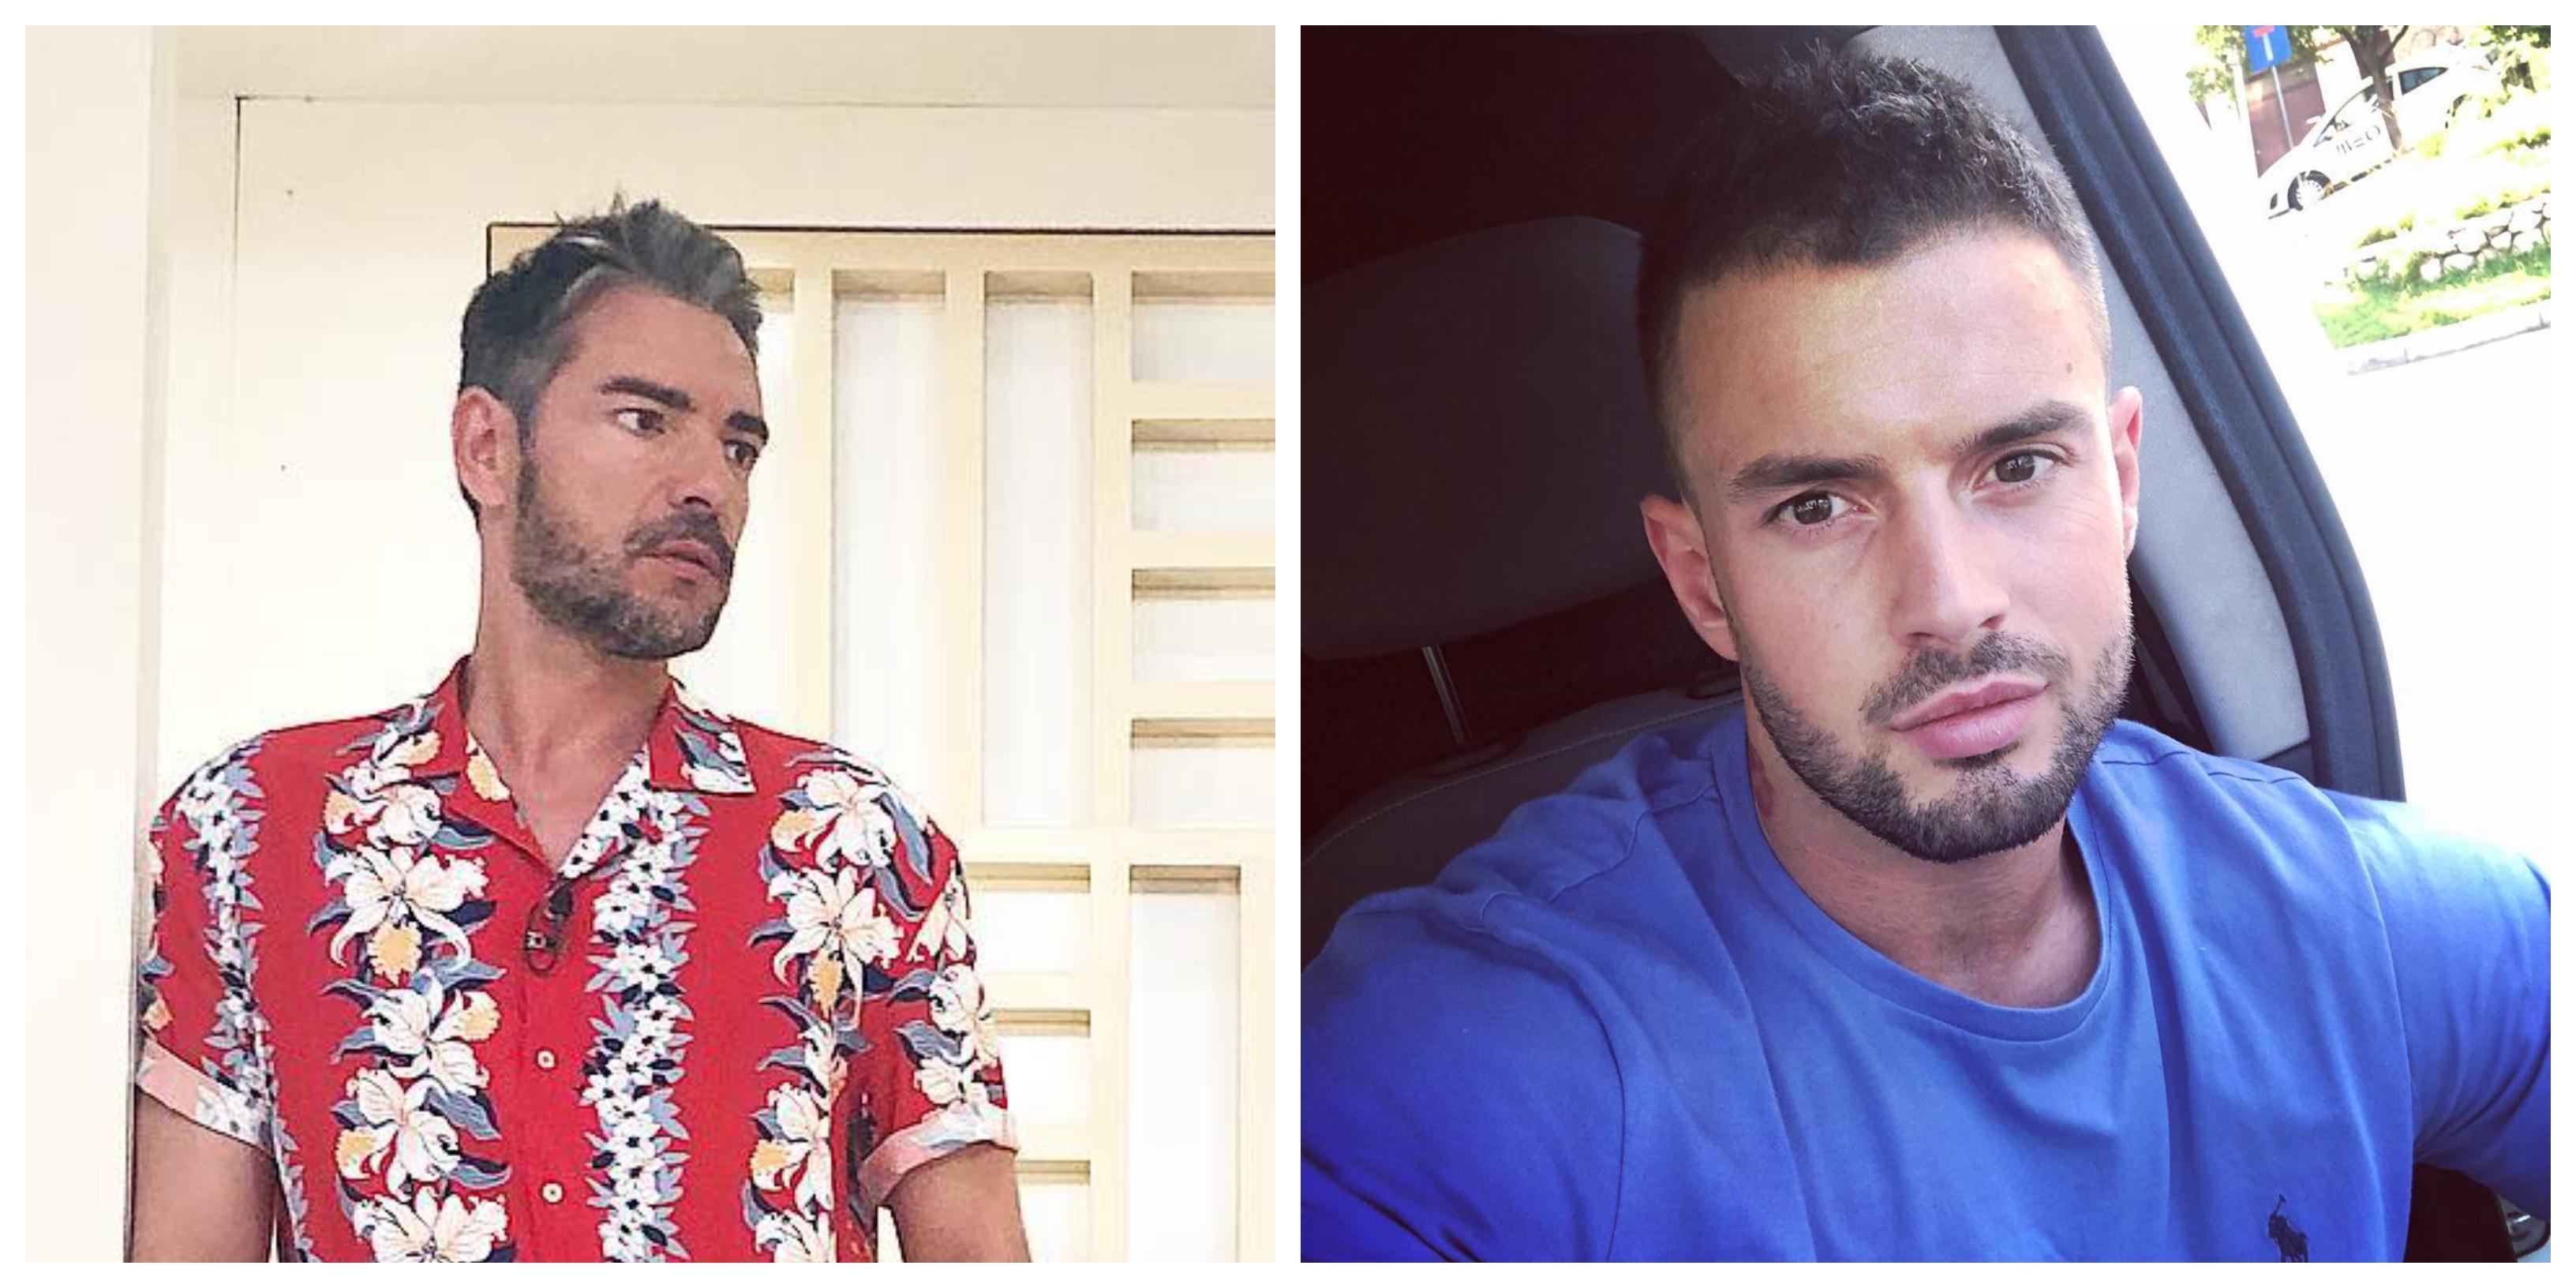 Claudio Ramos Marco Costa Big Brother 2020. Marco Costa Lança Bicada A Cláudio Ramos